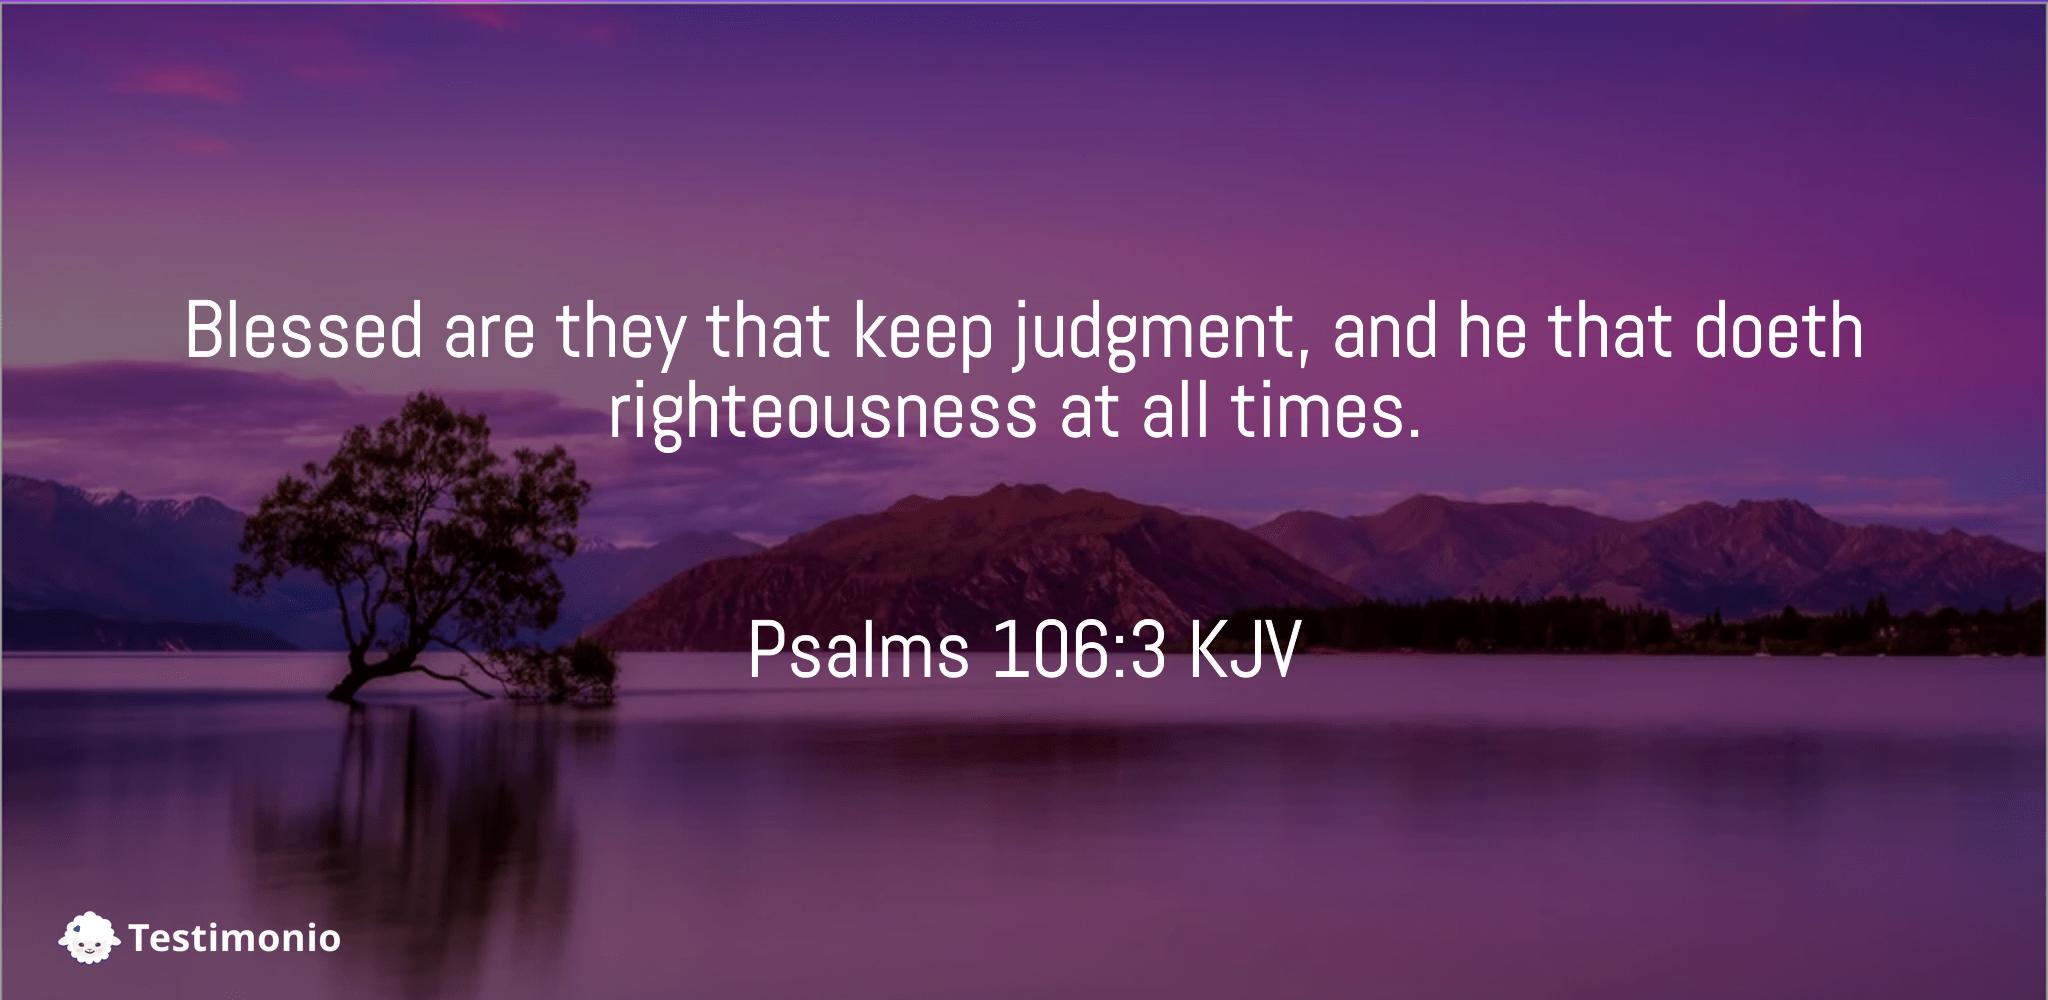 Psalms 106:3